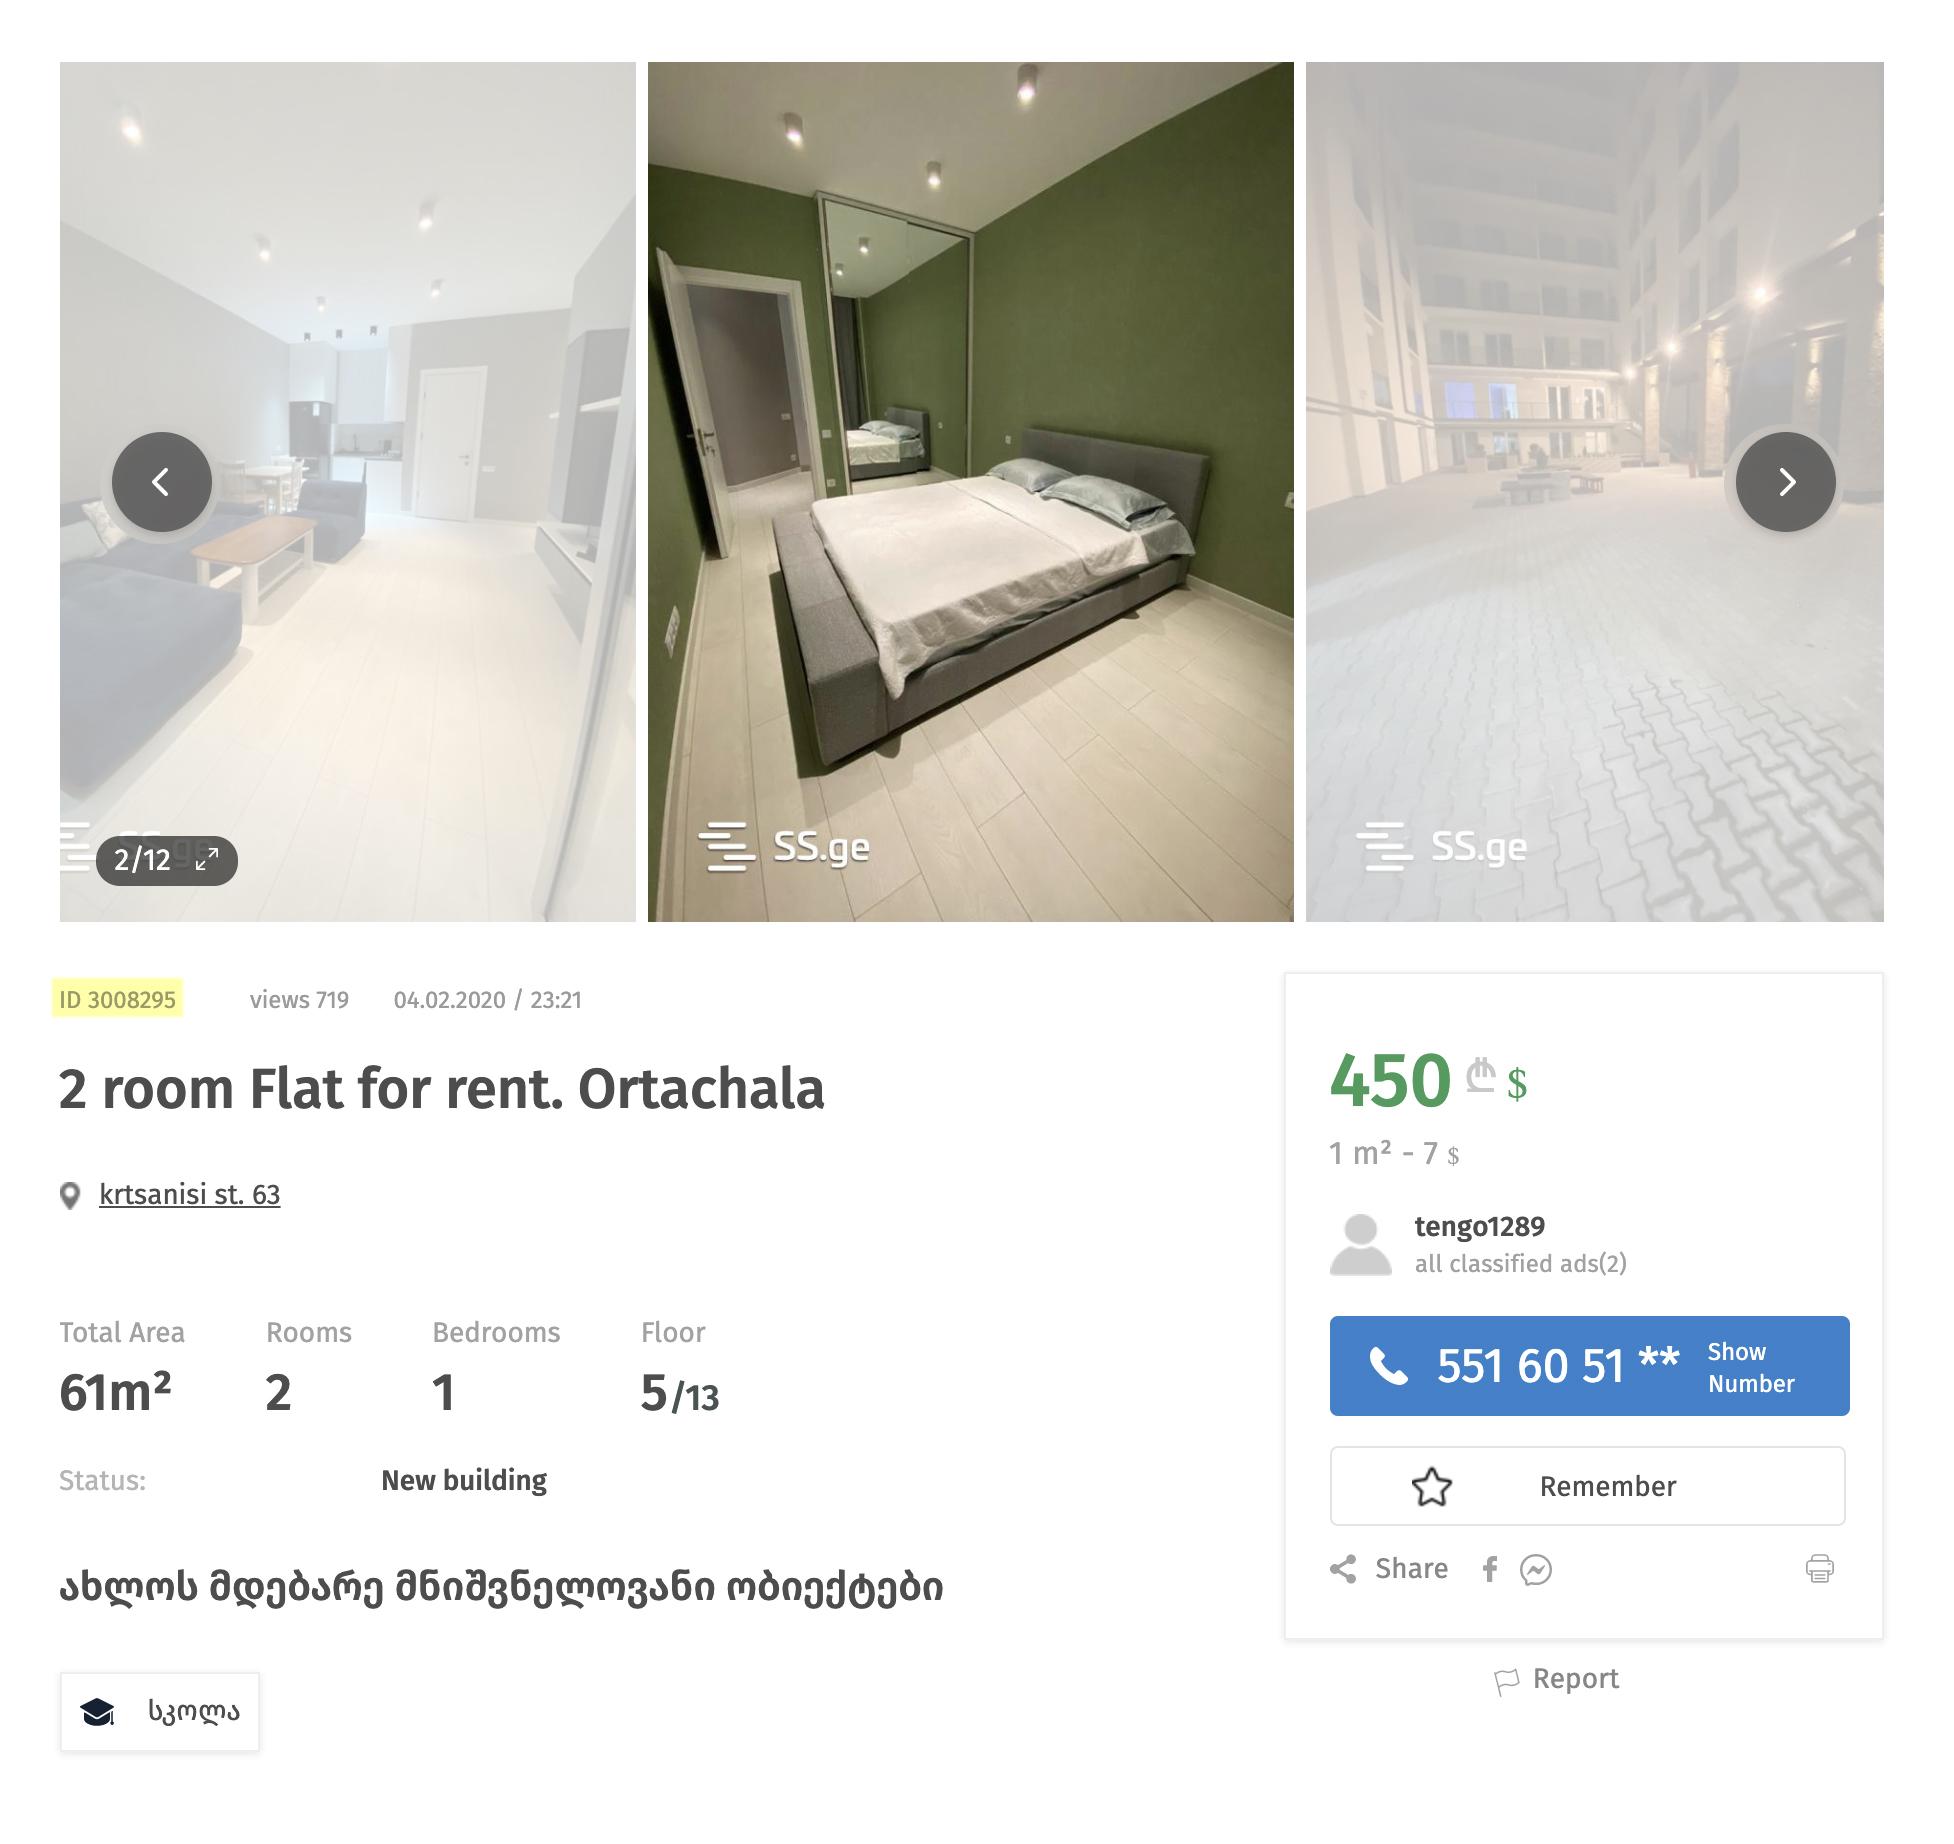 На странице ss.ge/en/real-estate/2-room-flat-for-rent-ortachala-3008295 ID-номером объявления будет 3008295. На самом сайте он тоже указан, но очень мелким шрифтом